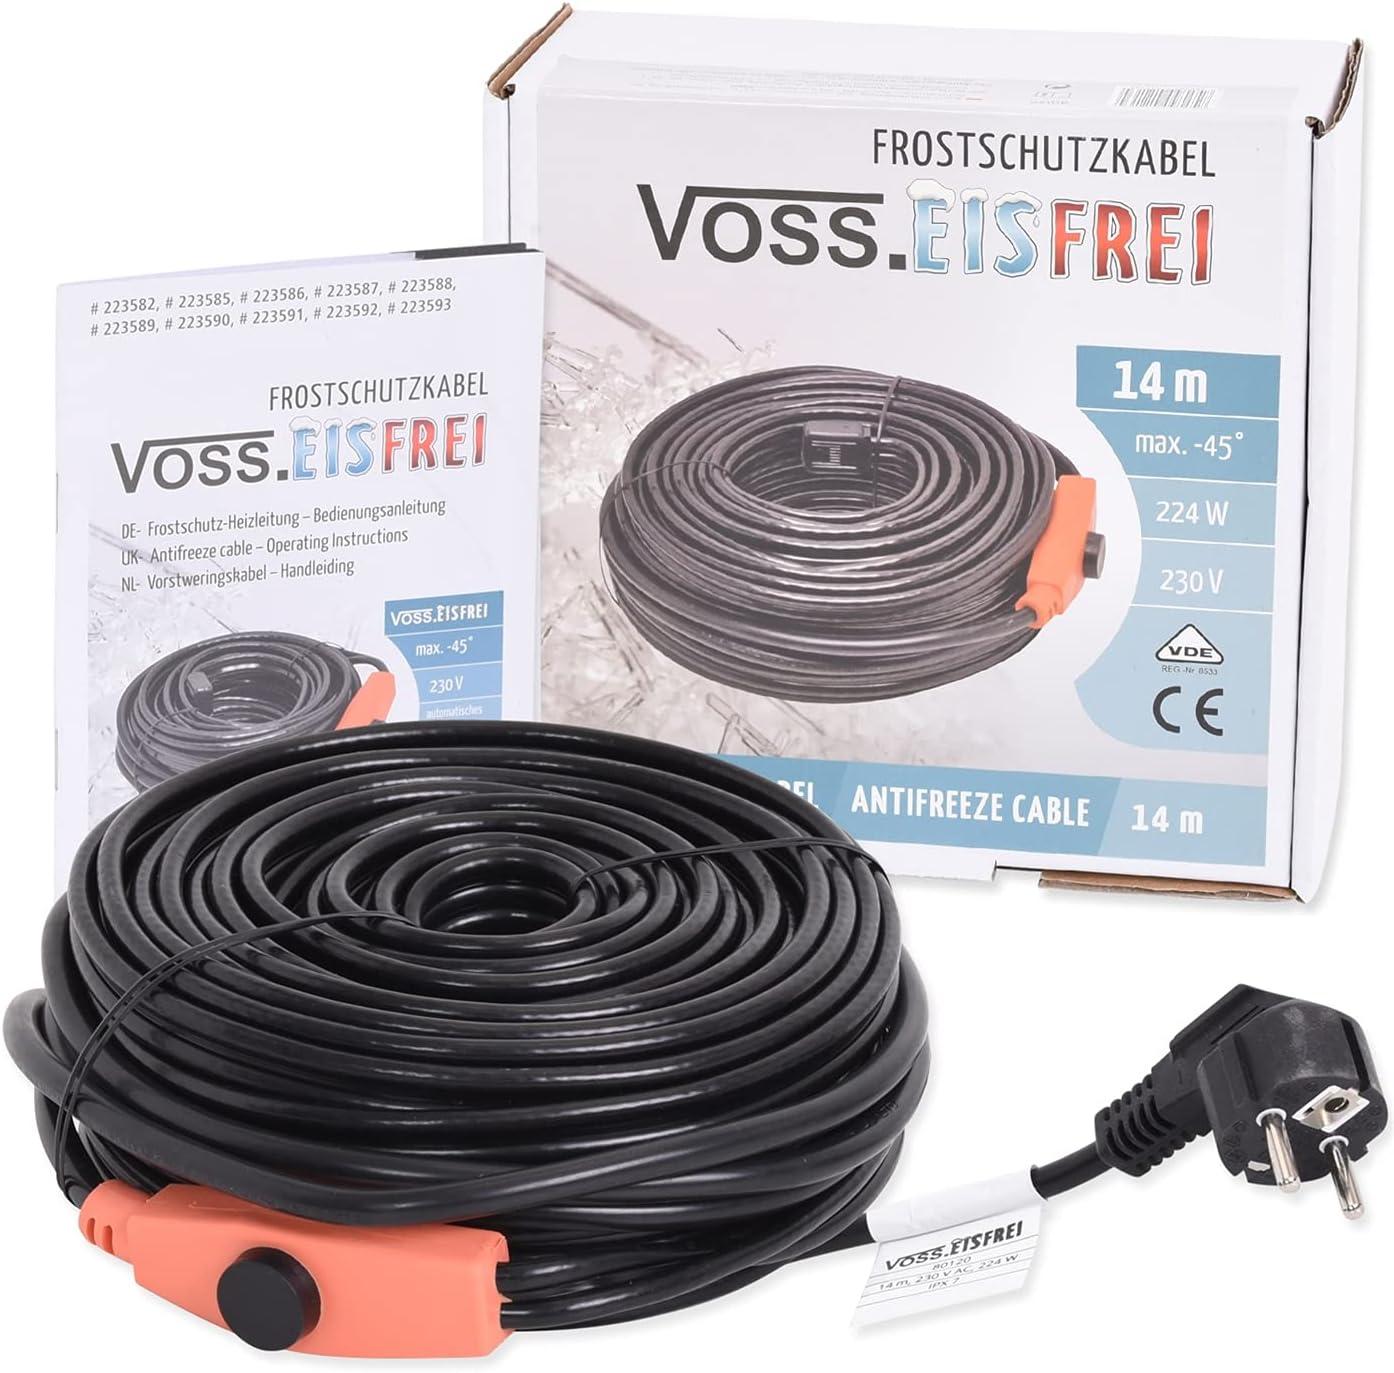 Frostschutz Heizkabel mit Knopf-Thermostat VOSS.eisfrei 1m 2m 4m 8m 12m 14m 18m 24m 37m 49m, 230V, Heizleitung Zum Schutz von Wasserleitungen und…